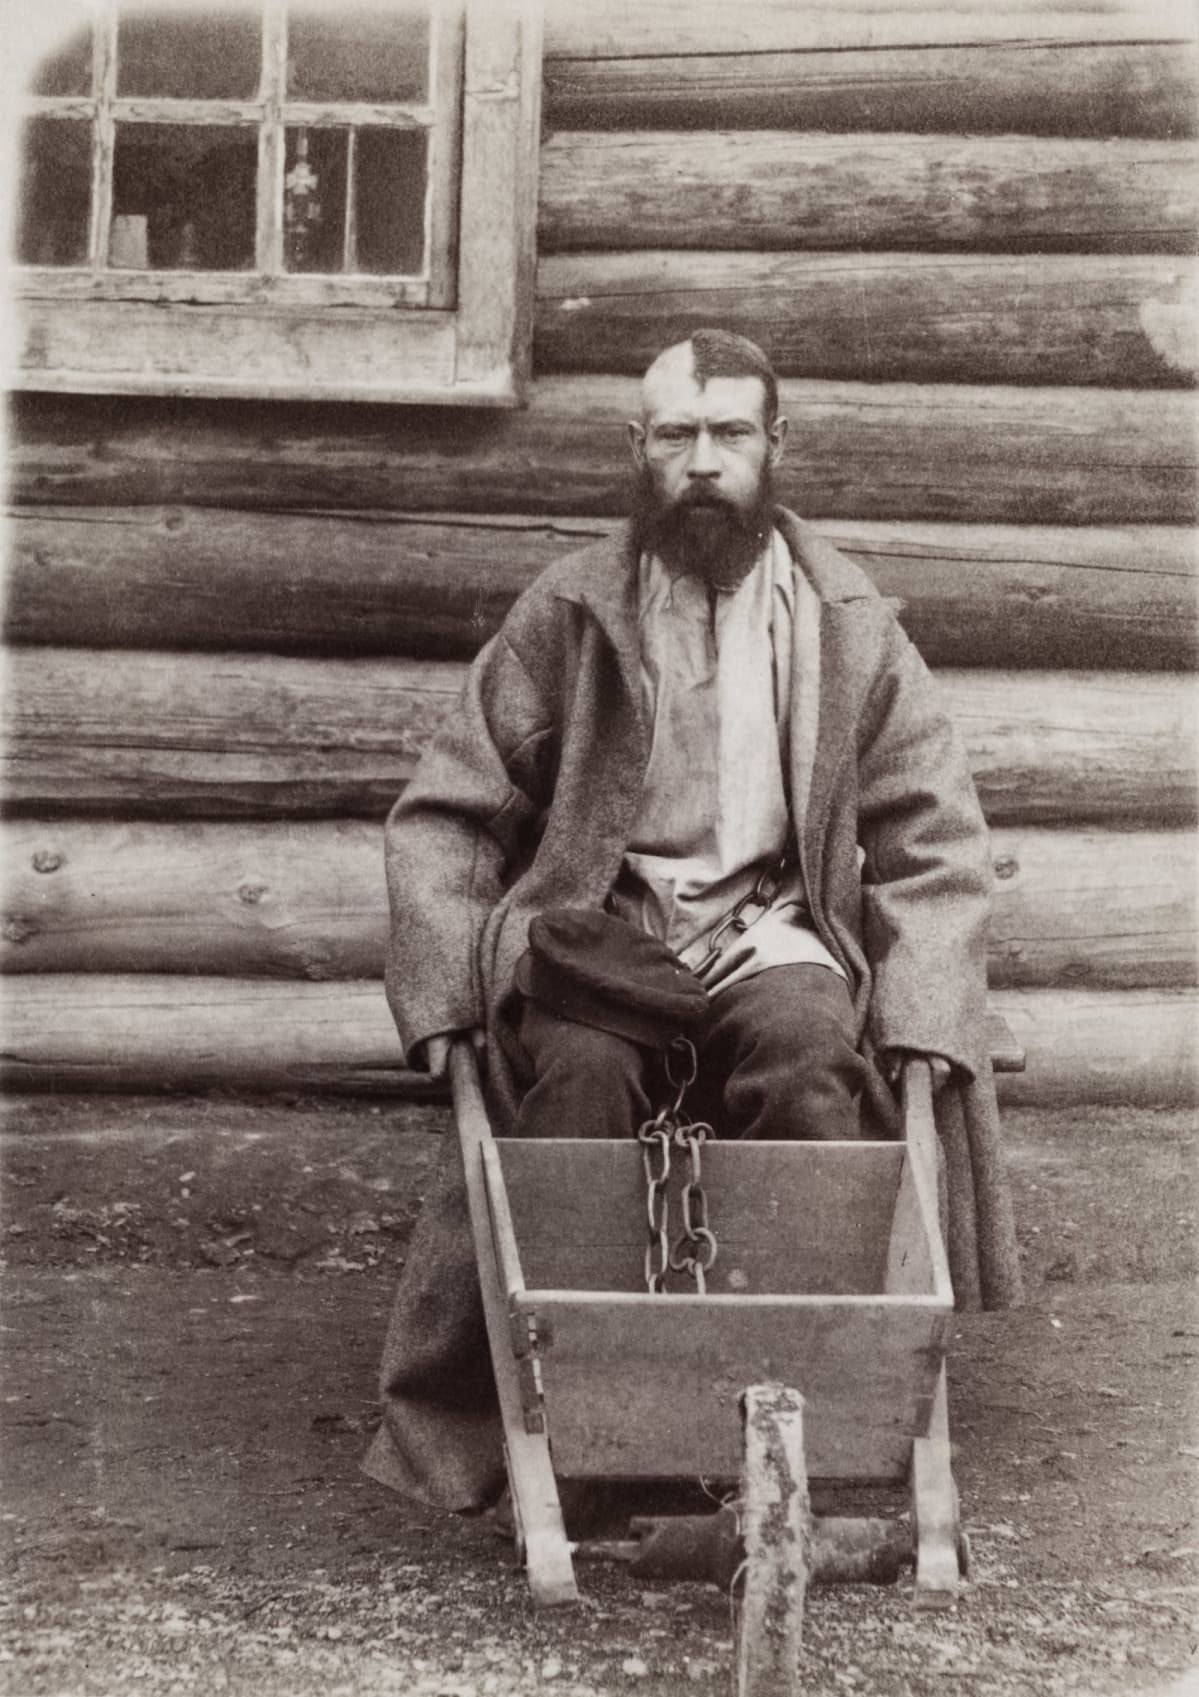 Vanki kahleissa kottikärryn kanssa 1898. Päälaki puoliksi ajeltu vangin merkiksi.